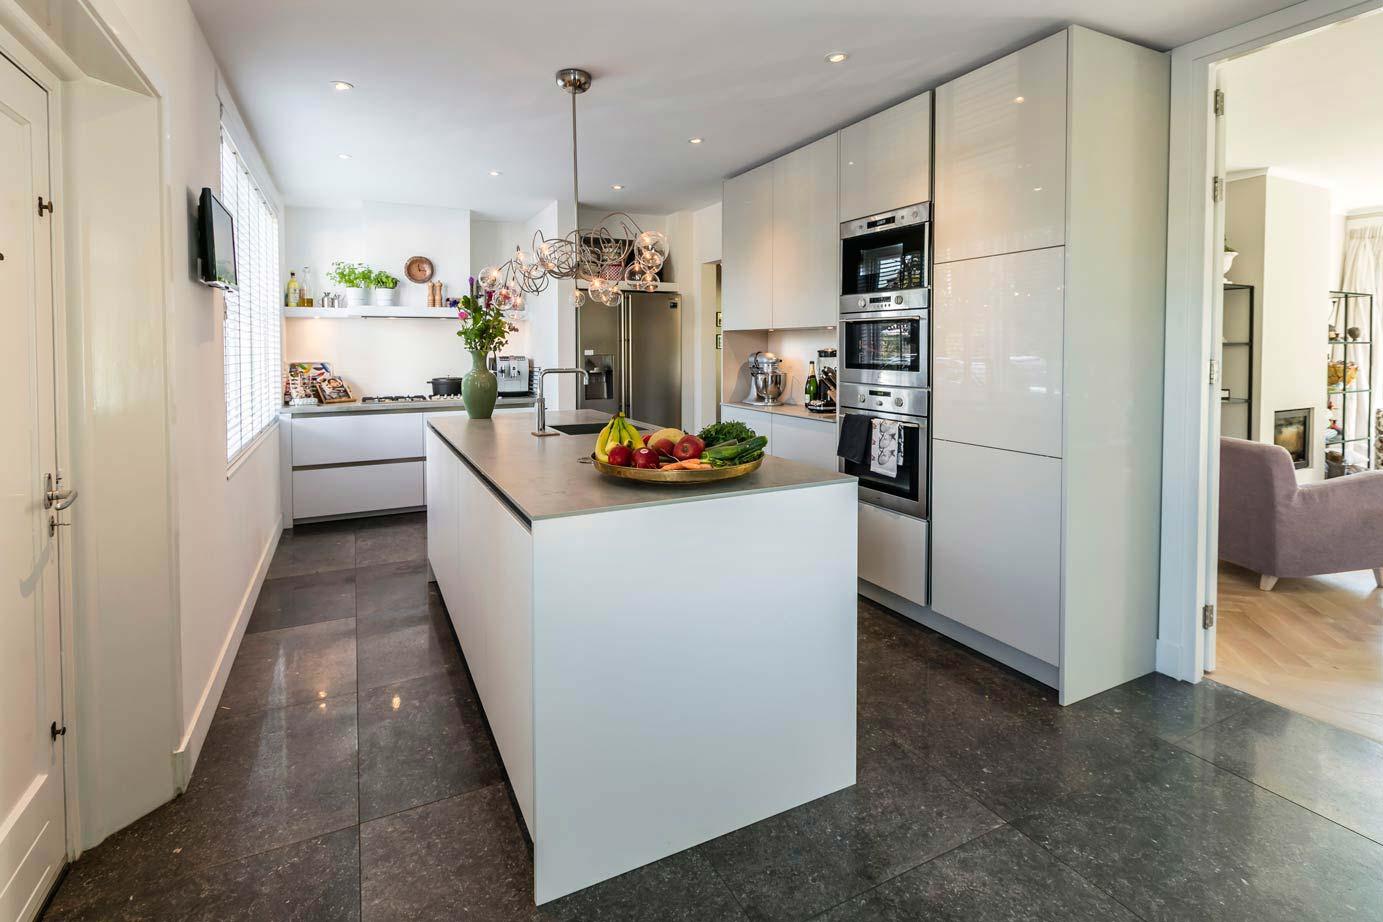 Kastenwand Keuken Moderne : Moderne keukens incl foto s en prijzen db keukens